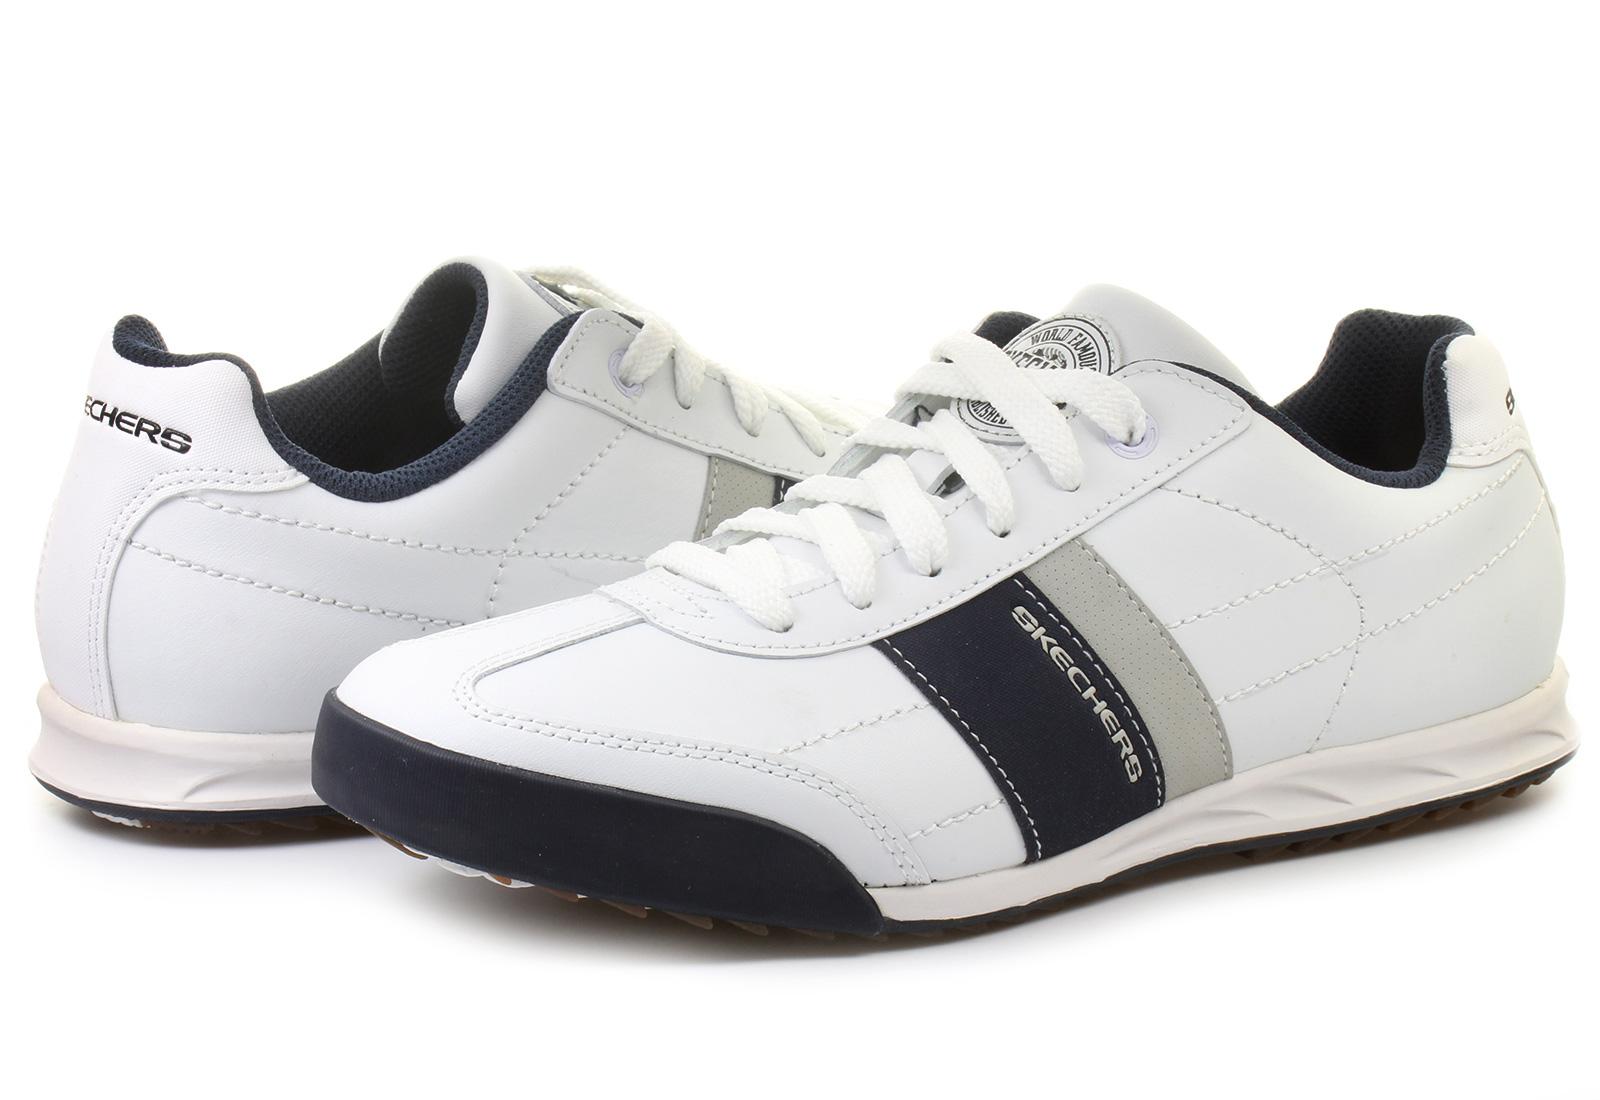 Skechers Shoes - Ascoli- Winning Streak - 51183-wnv - Online shop ... 612a15719